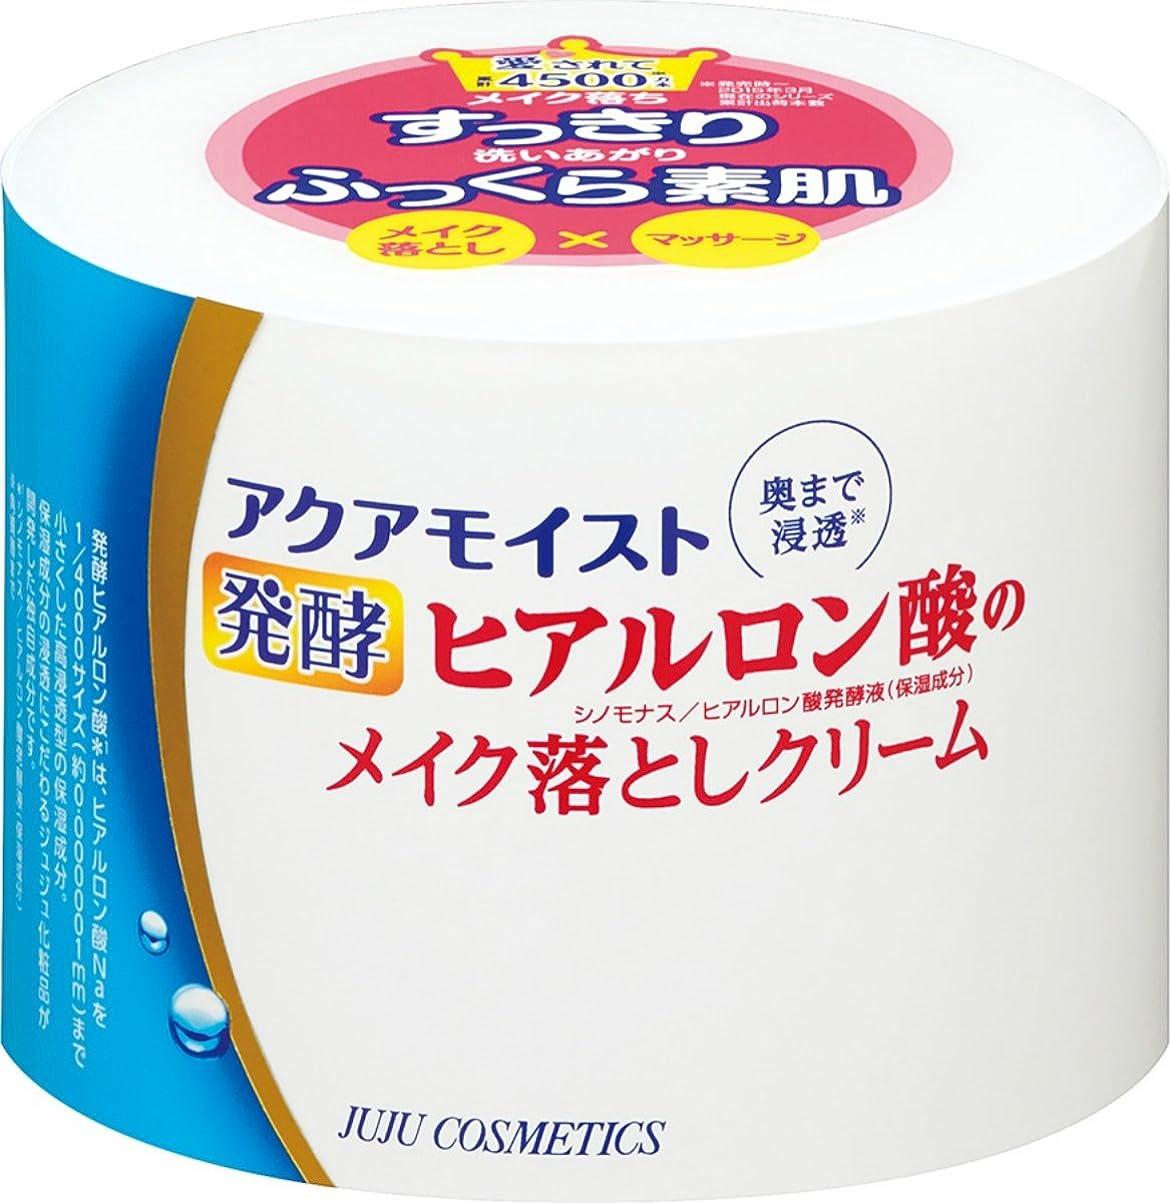 天才回想司書アクアモイスト 発酵ヒアルロン酸のメイク落としクリーム 160g